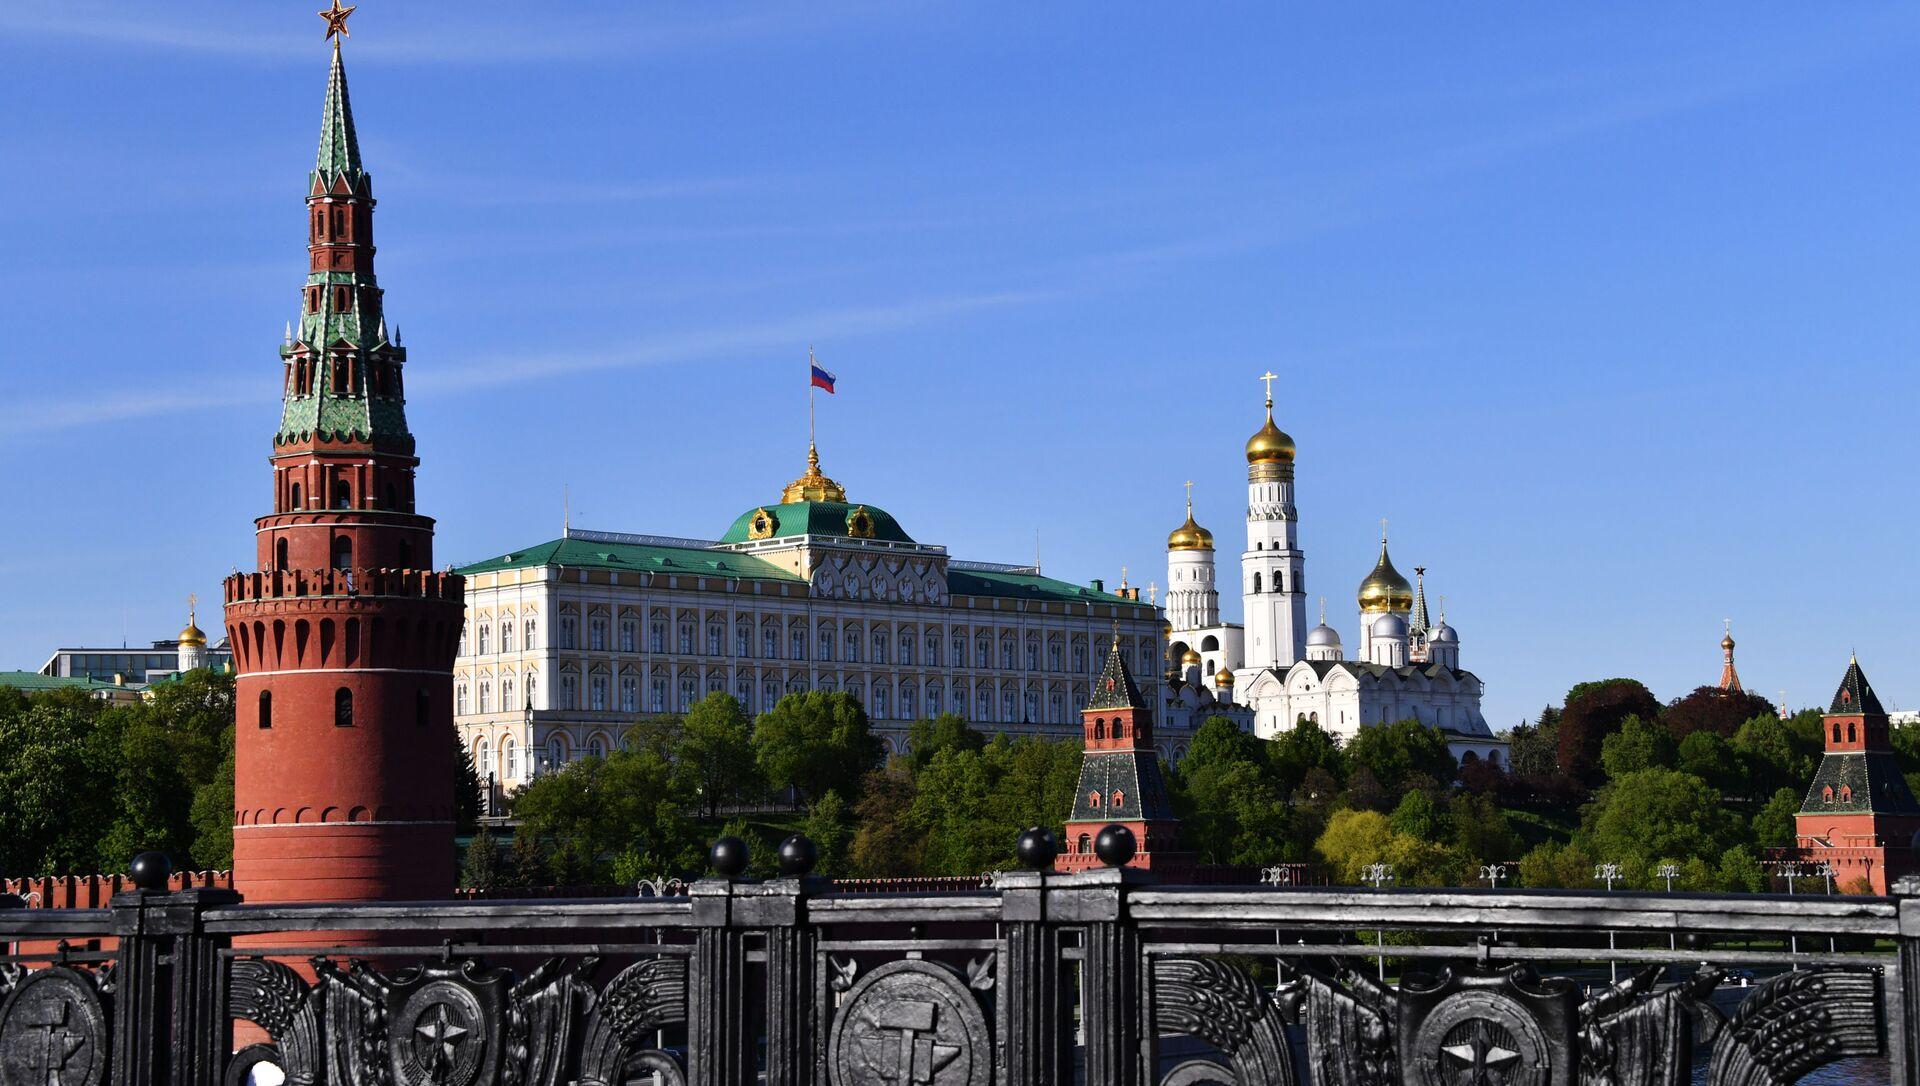 Вид на Московский Кремль с Большого Каменного моста. - Sputnik Аҧсны, 1920, 23.09.2021